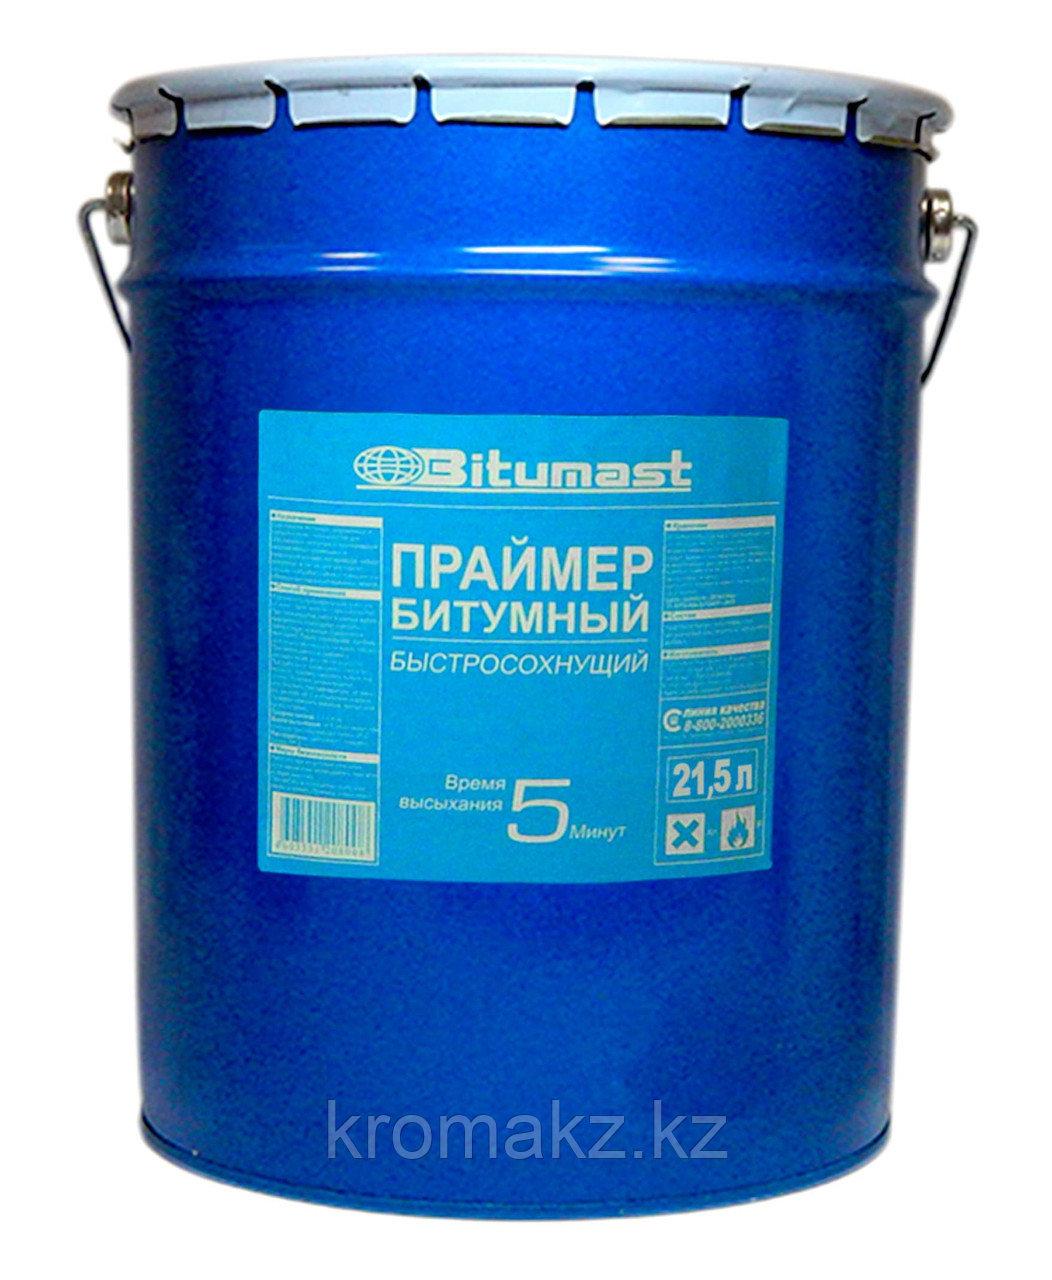 Праймер быстросохнущий Bitumast 21.5л